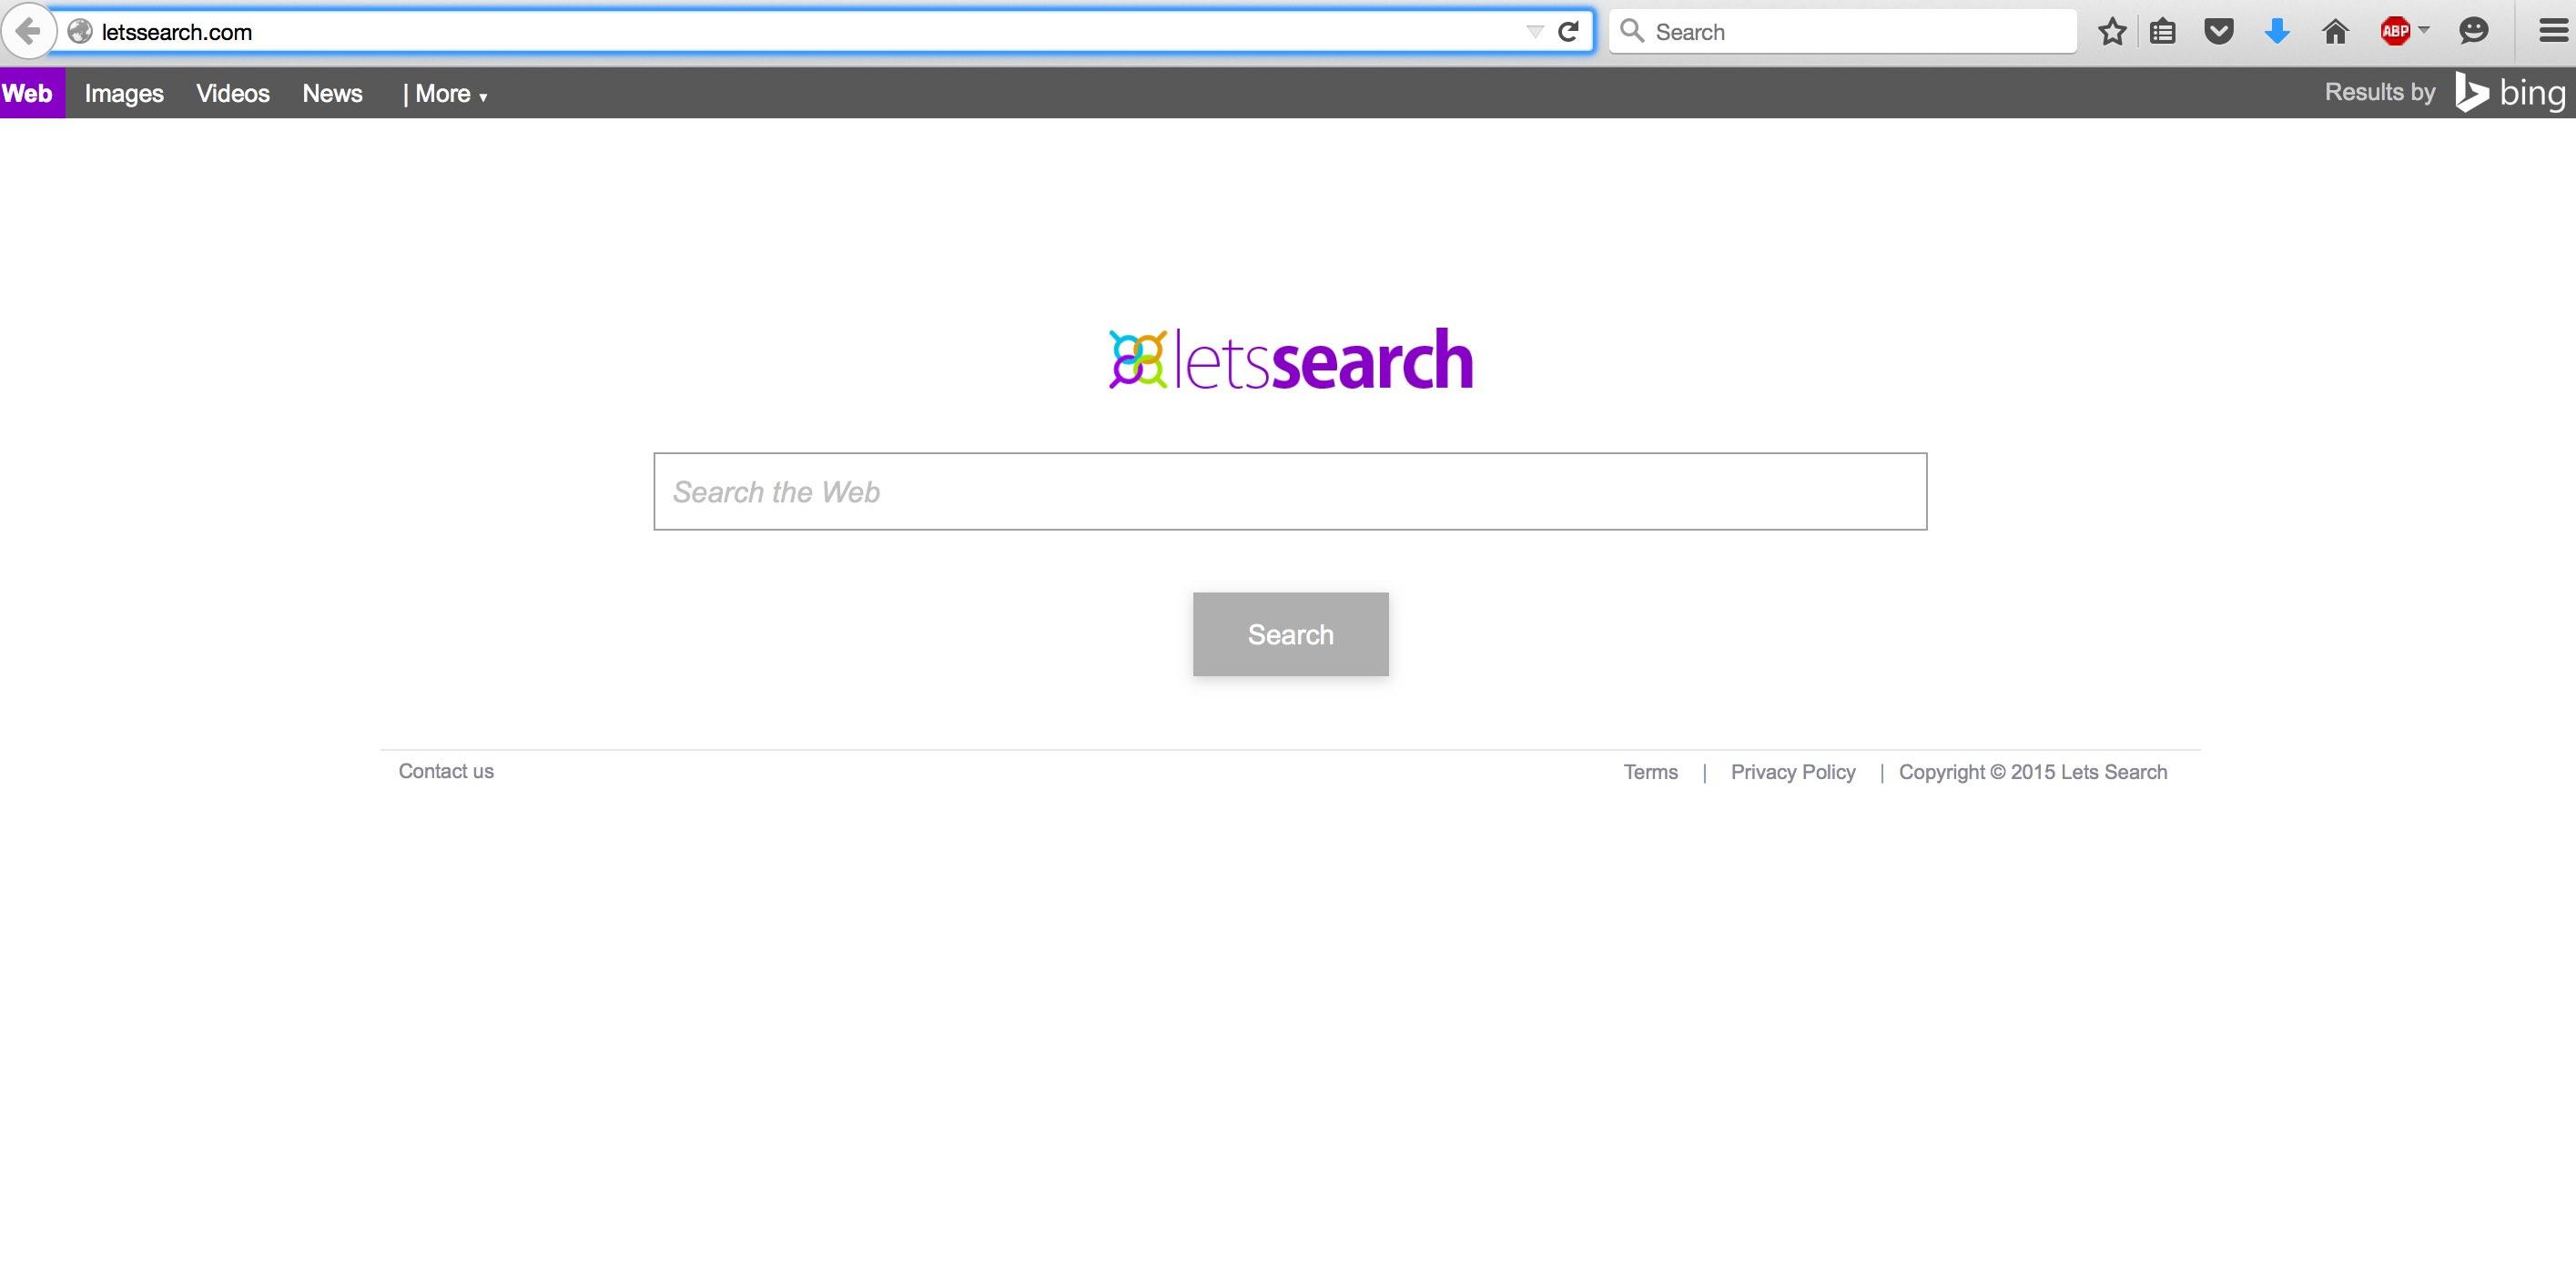 LetsSearch